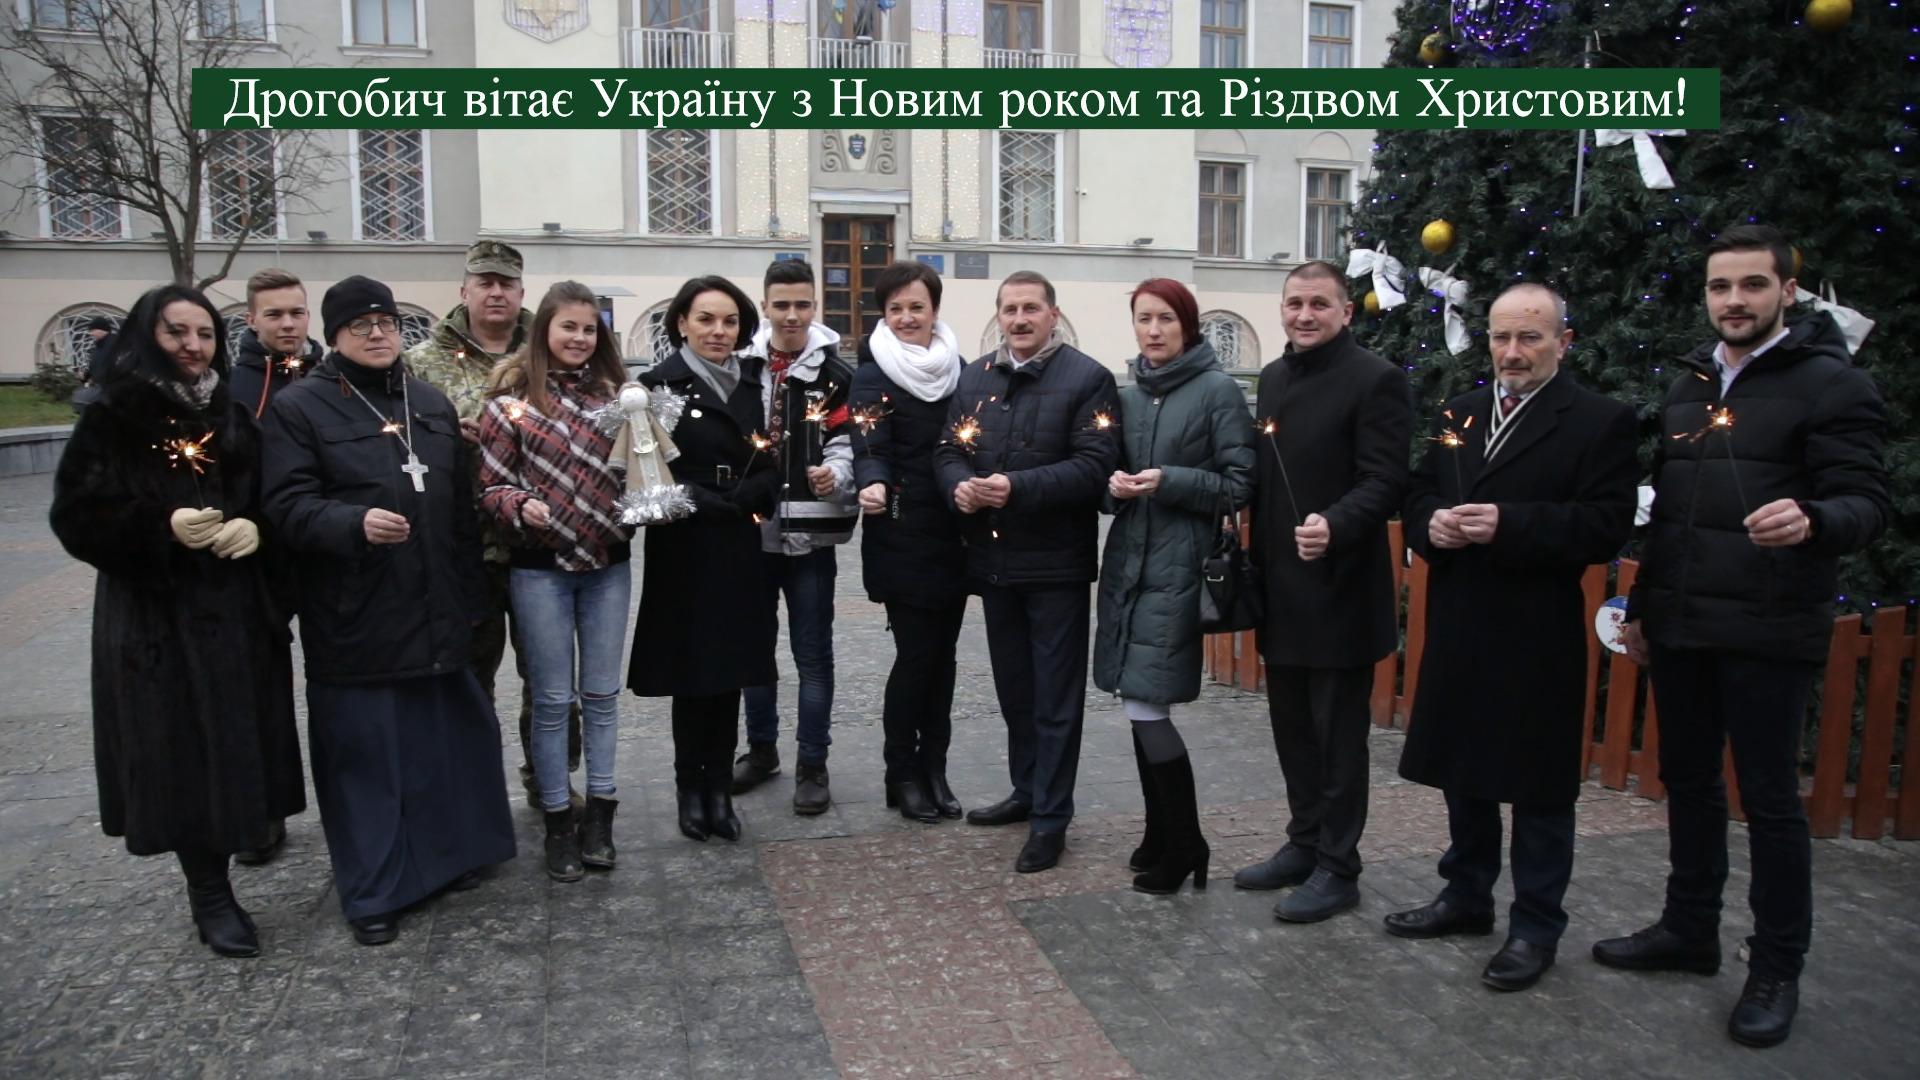 Дрогобич вітає Україну з Новим 2019 роком та Різдвом Христовим! ВІДЕО